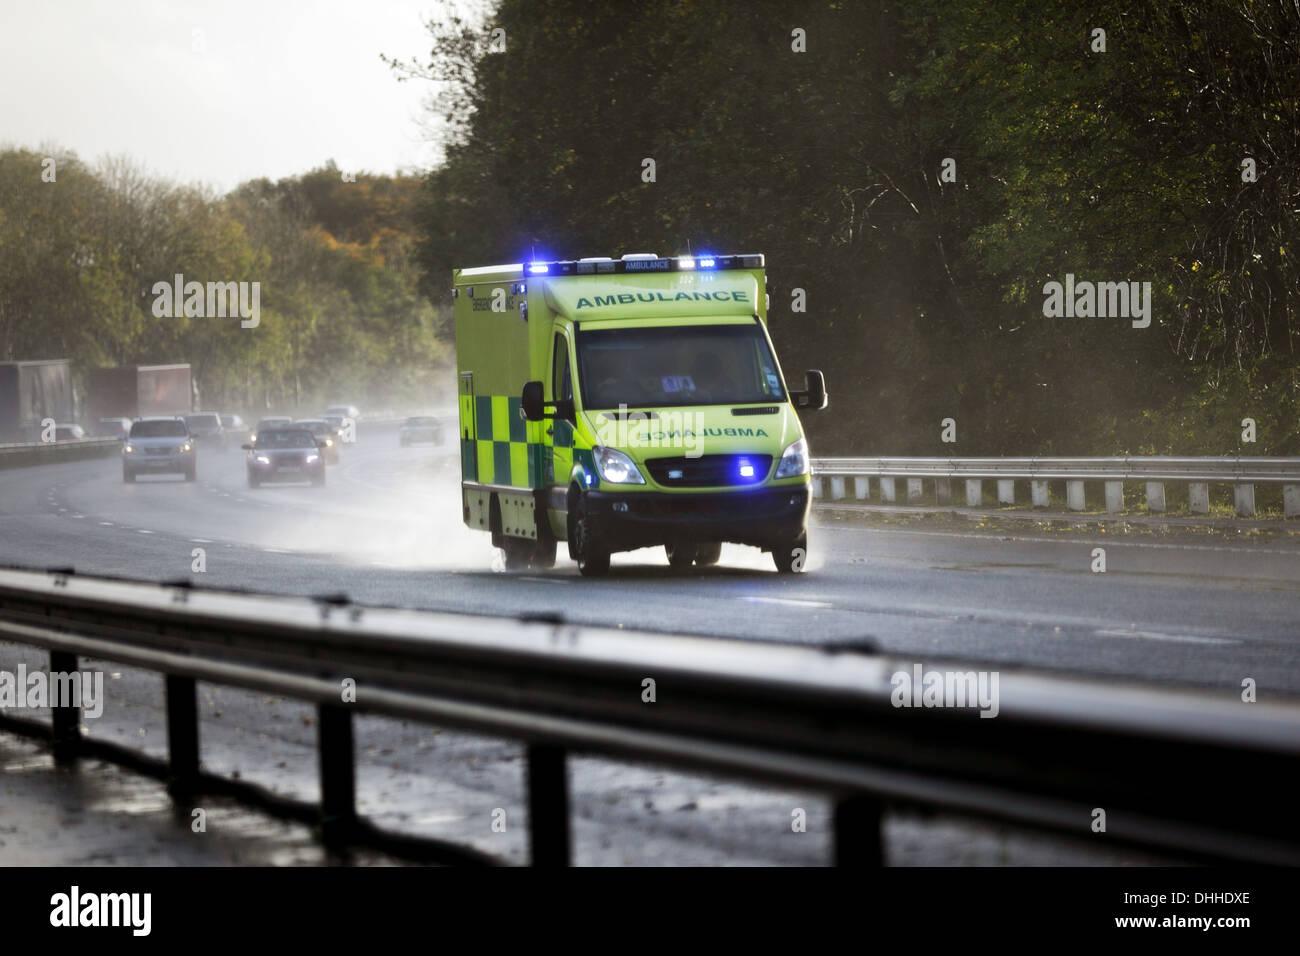 British ambulance on a UK motorway - Stock Image